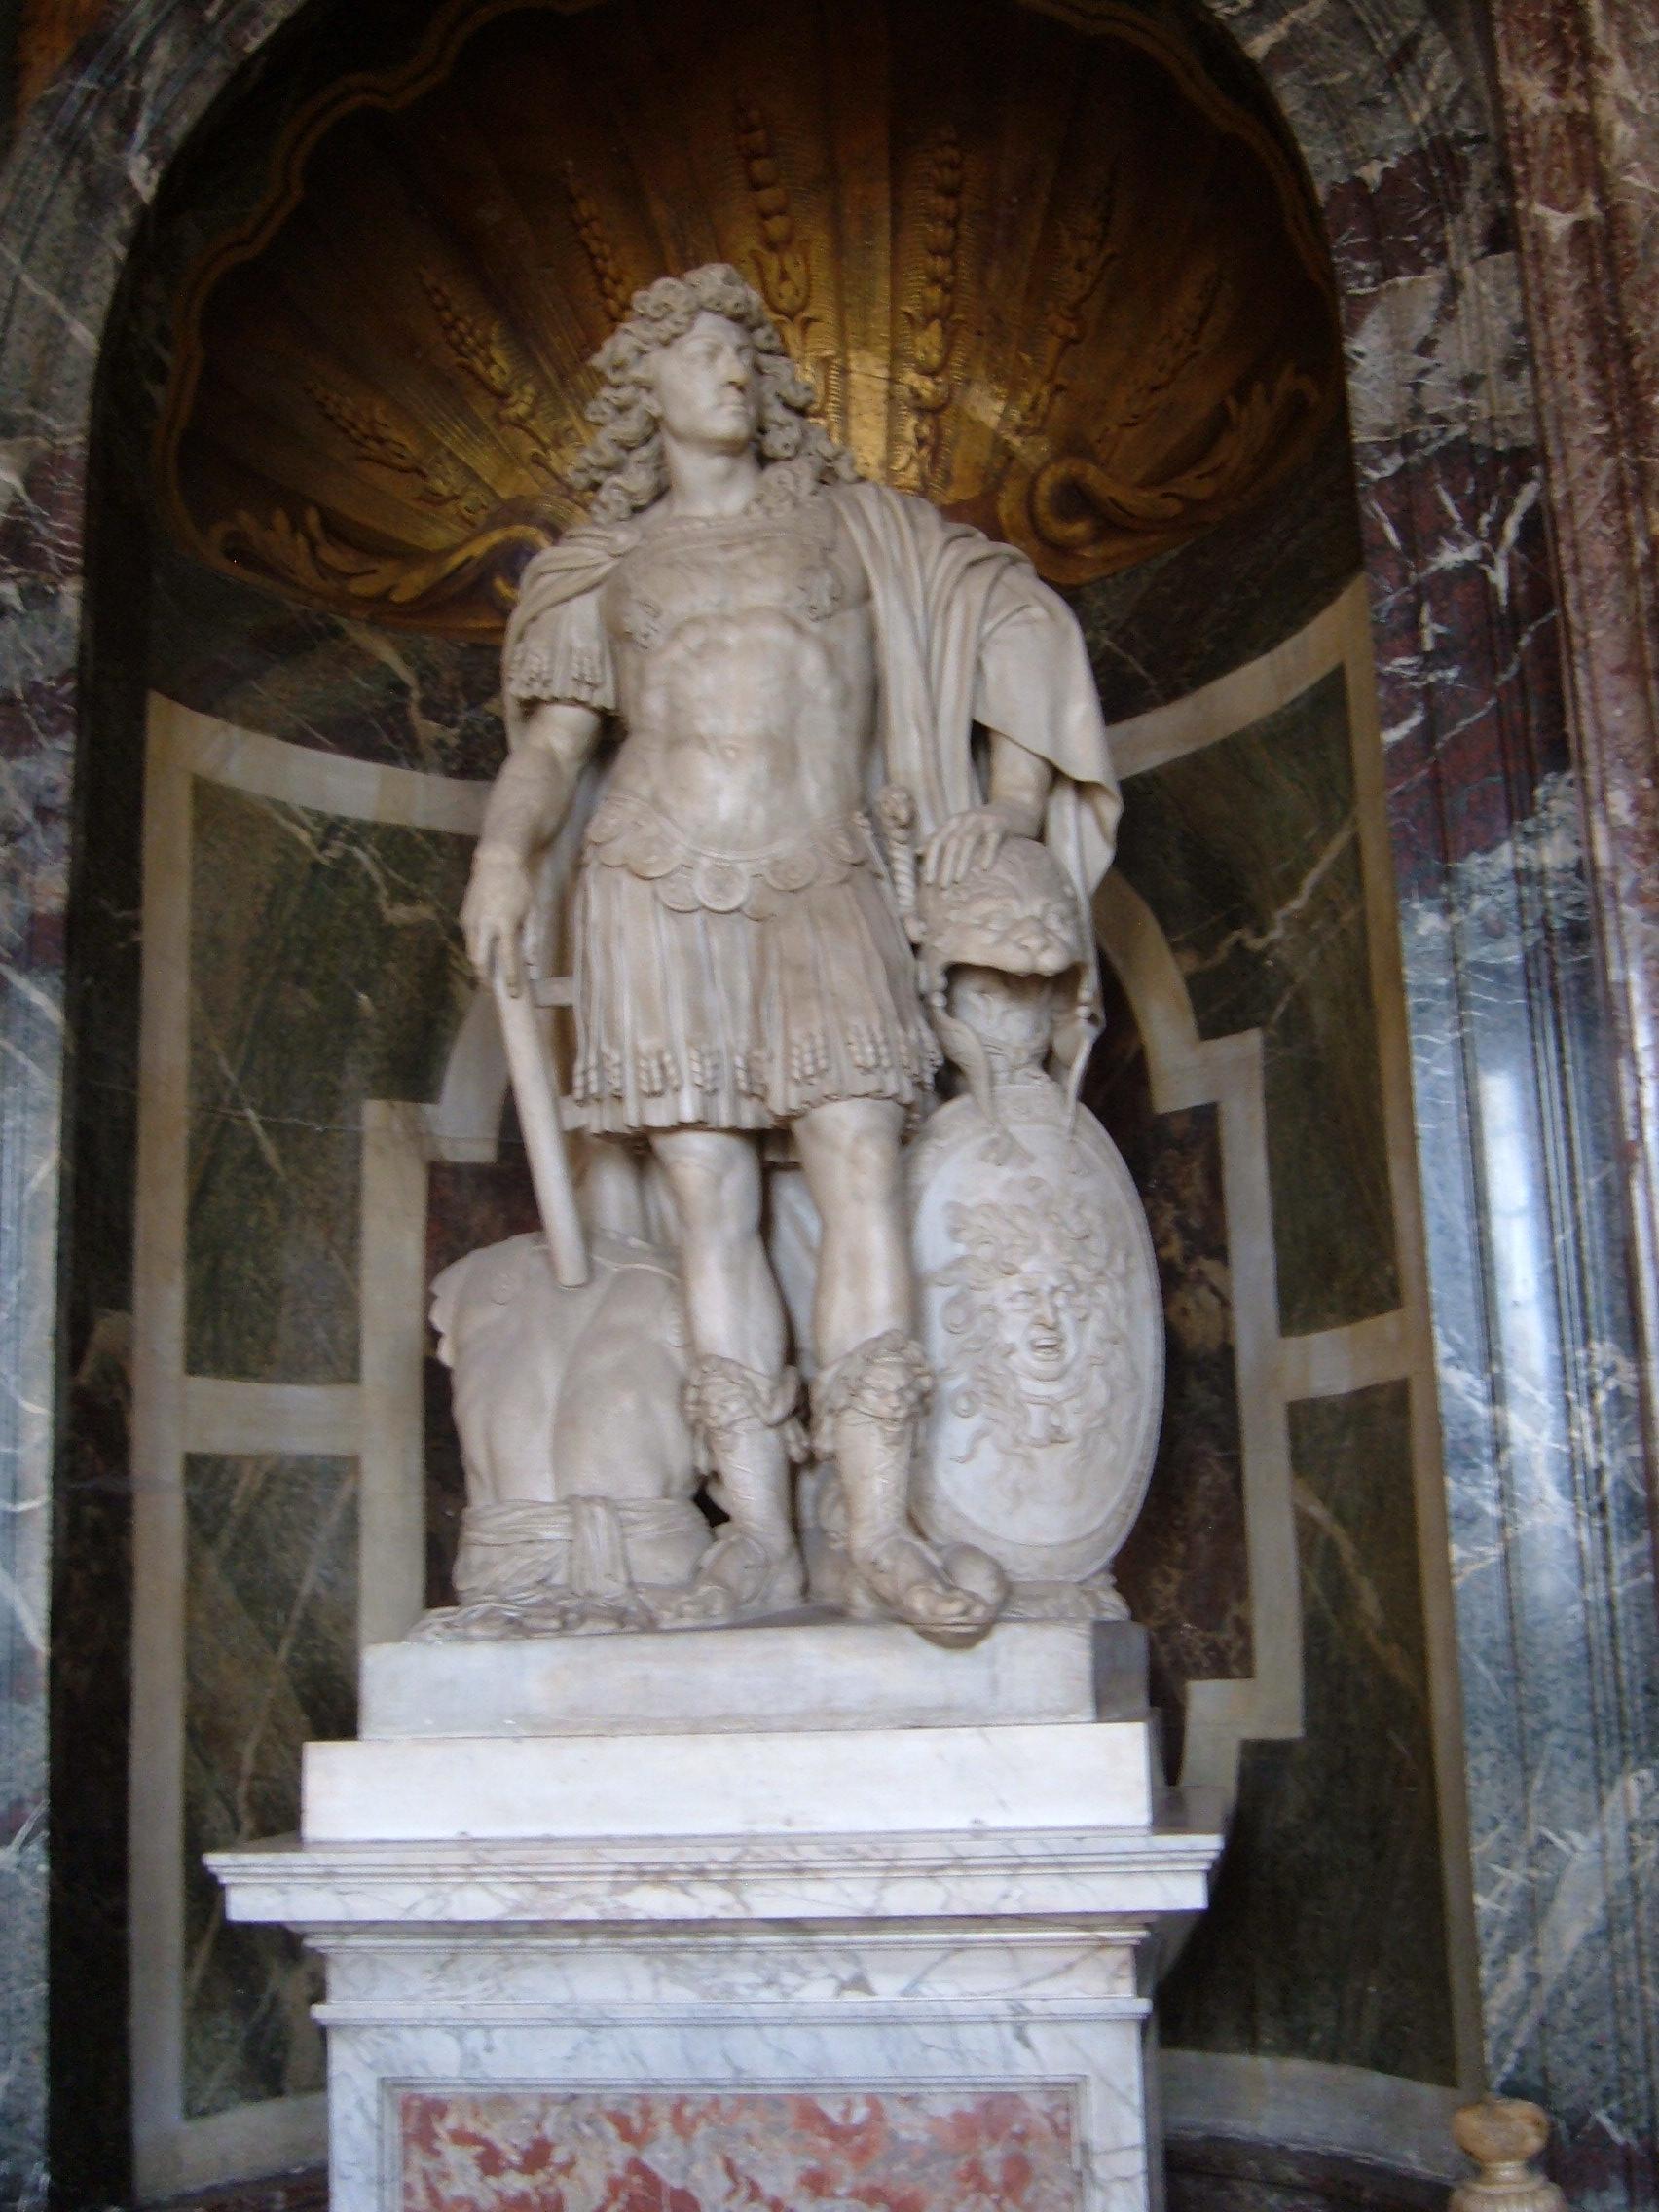 Louis xiv versailles and statue on pinterest - Salon du vin versailles ...